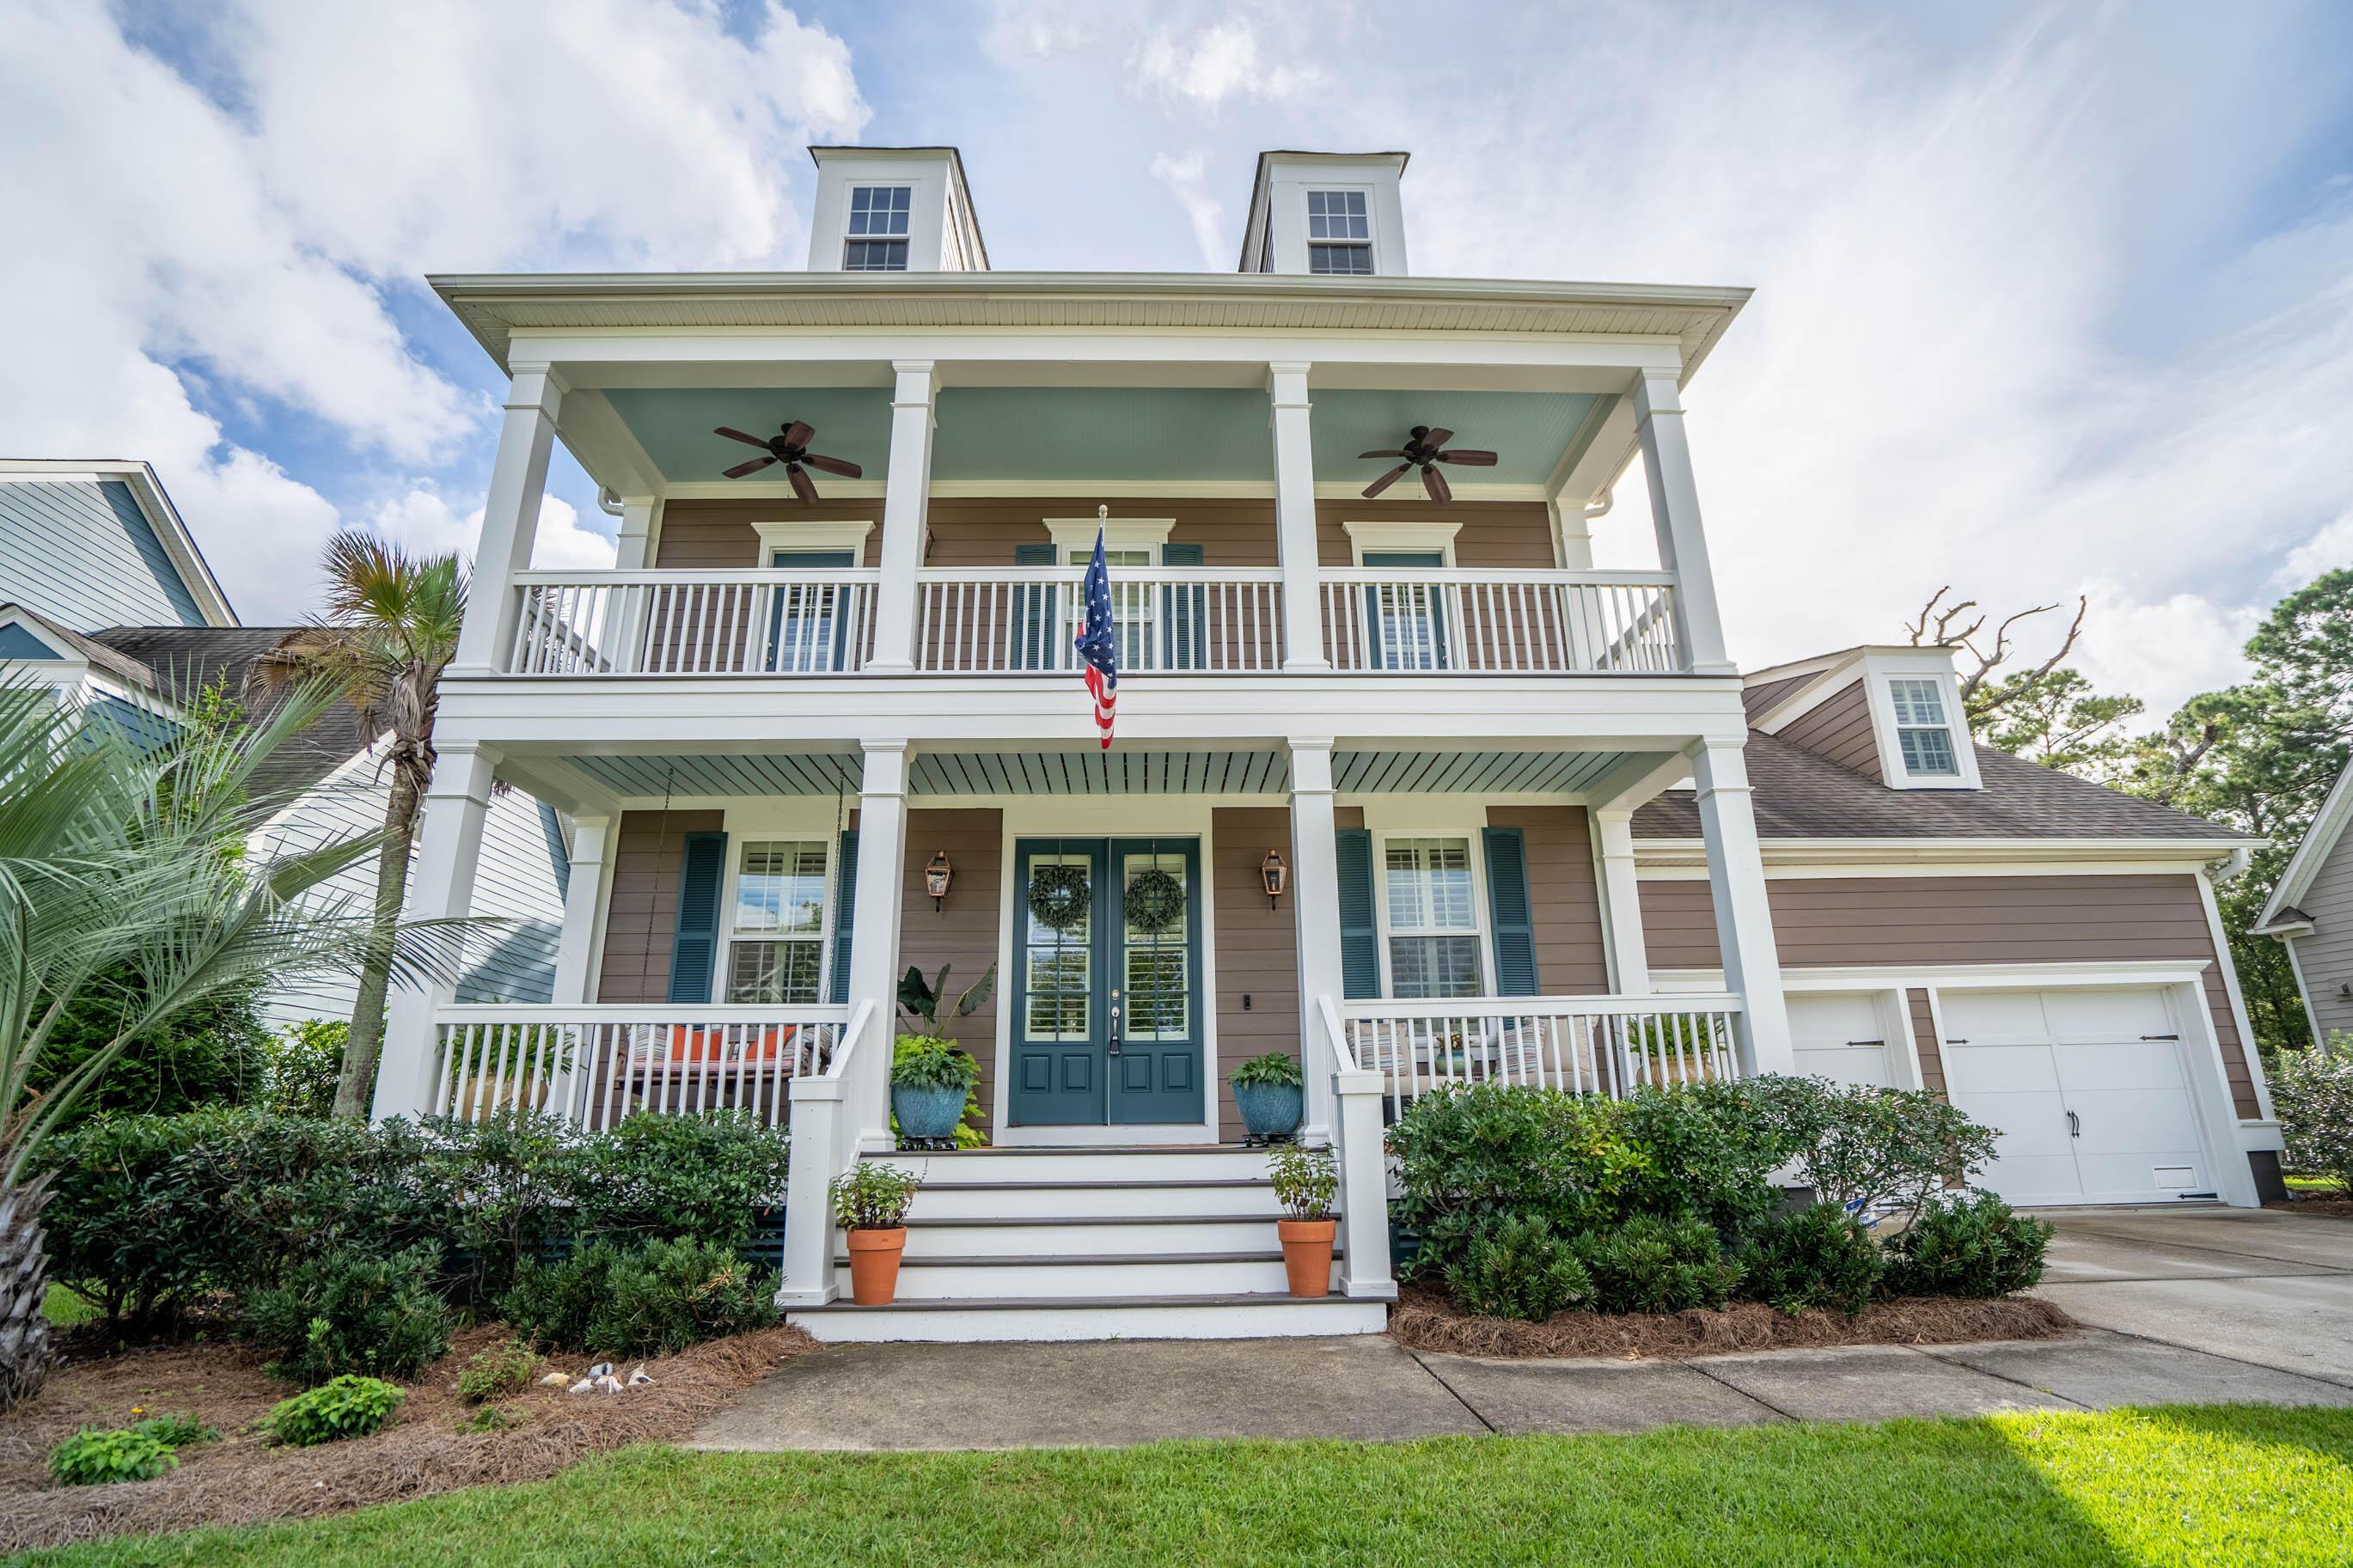 Dunes West Homes For Sale - 2997 Sturbridge, Mount Pleasant, SC - 16